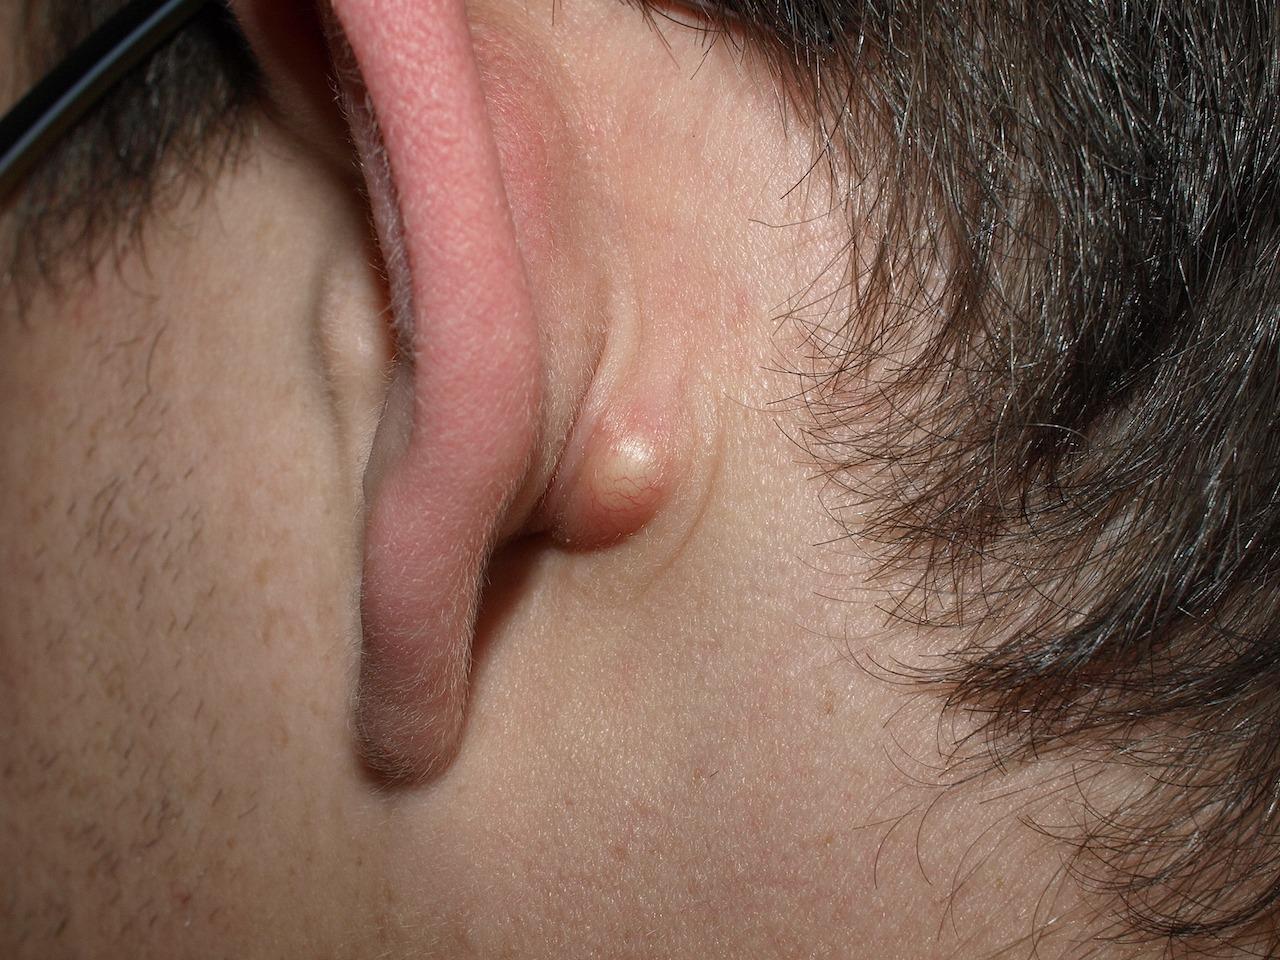 Kyste sébacé derrière l'oreille